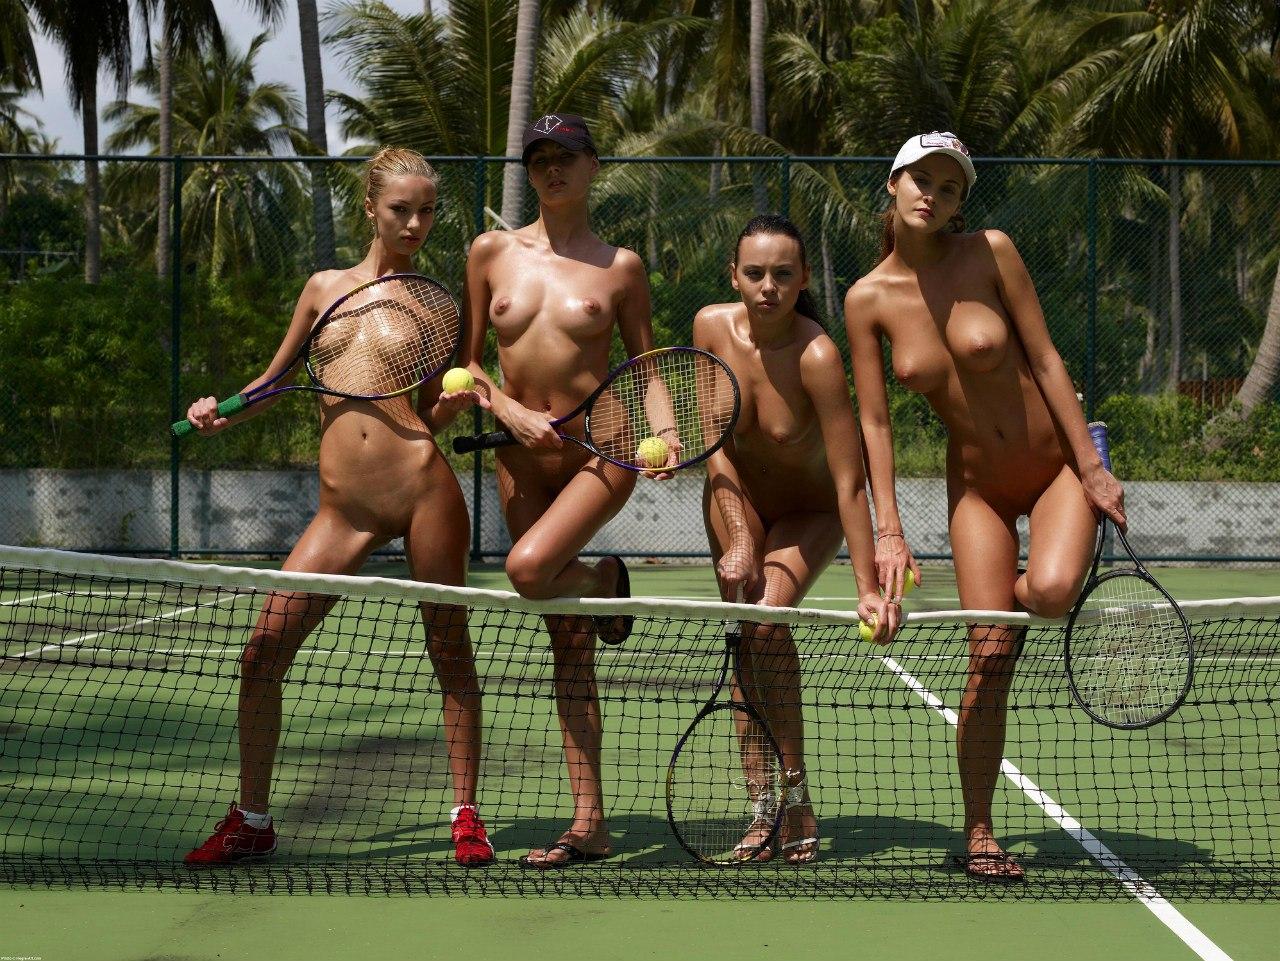 Телки голыми играют в теннис 5 фотография